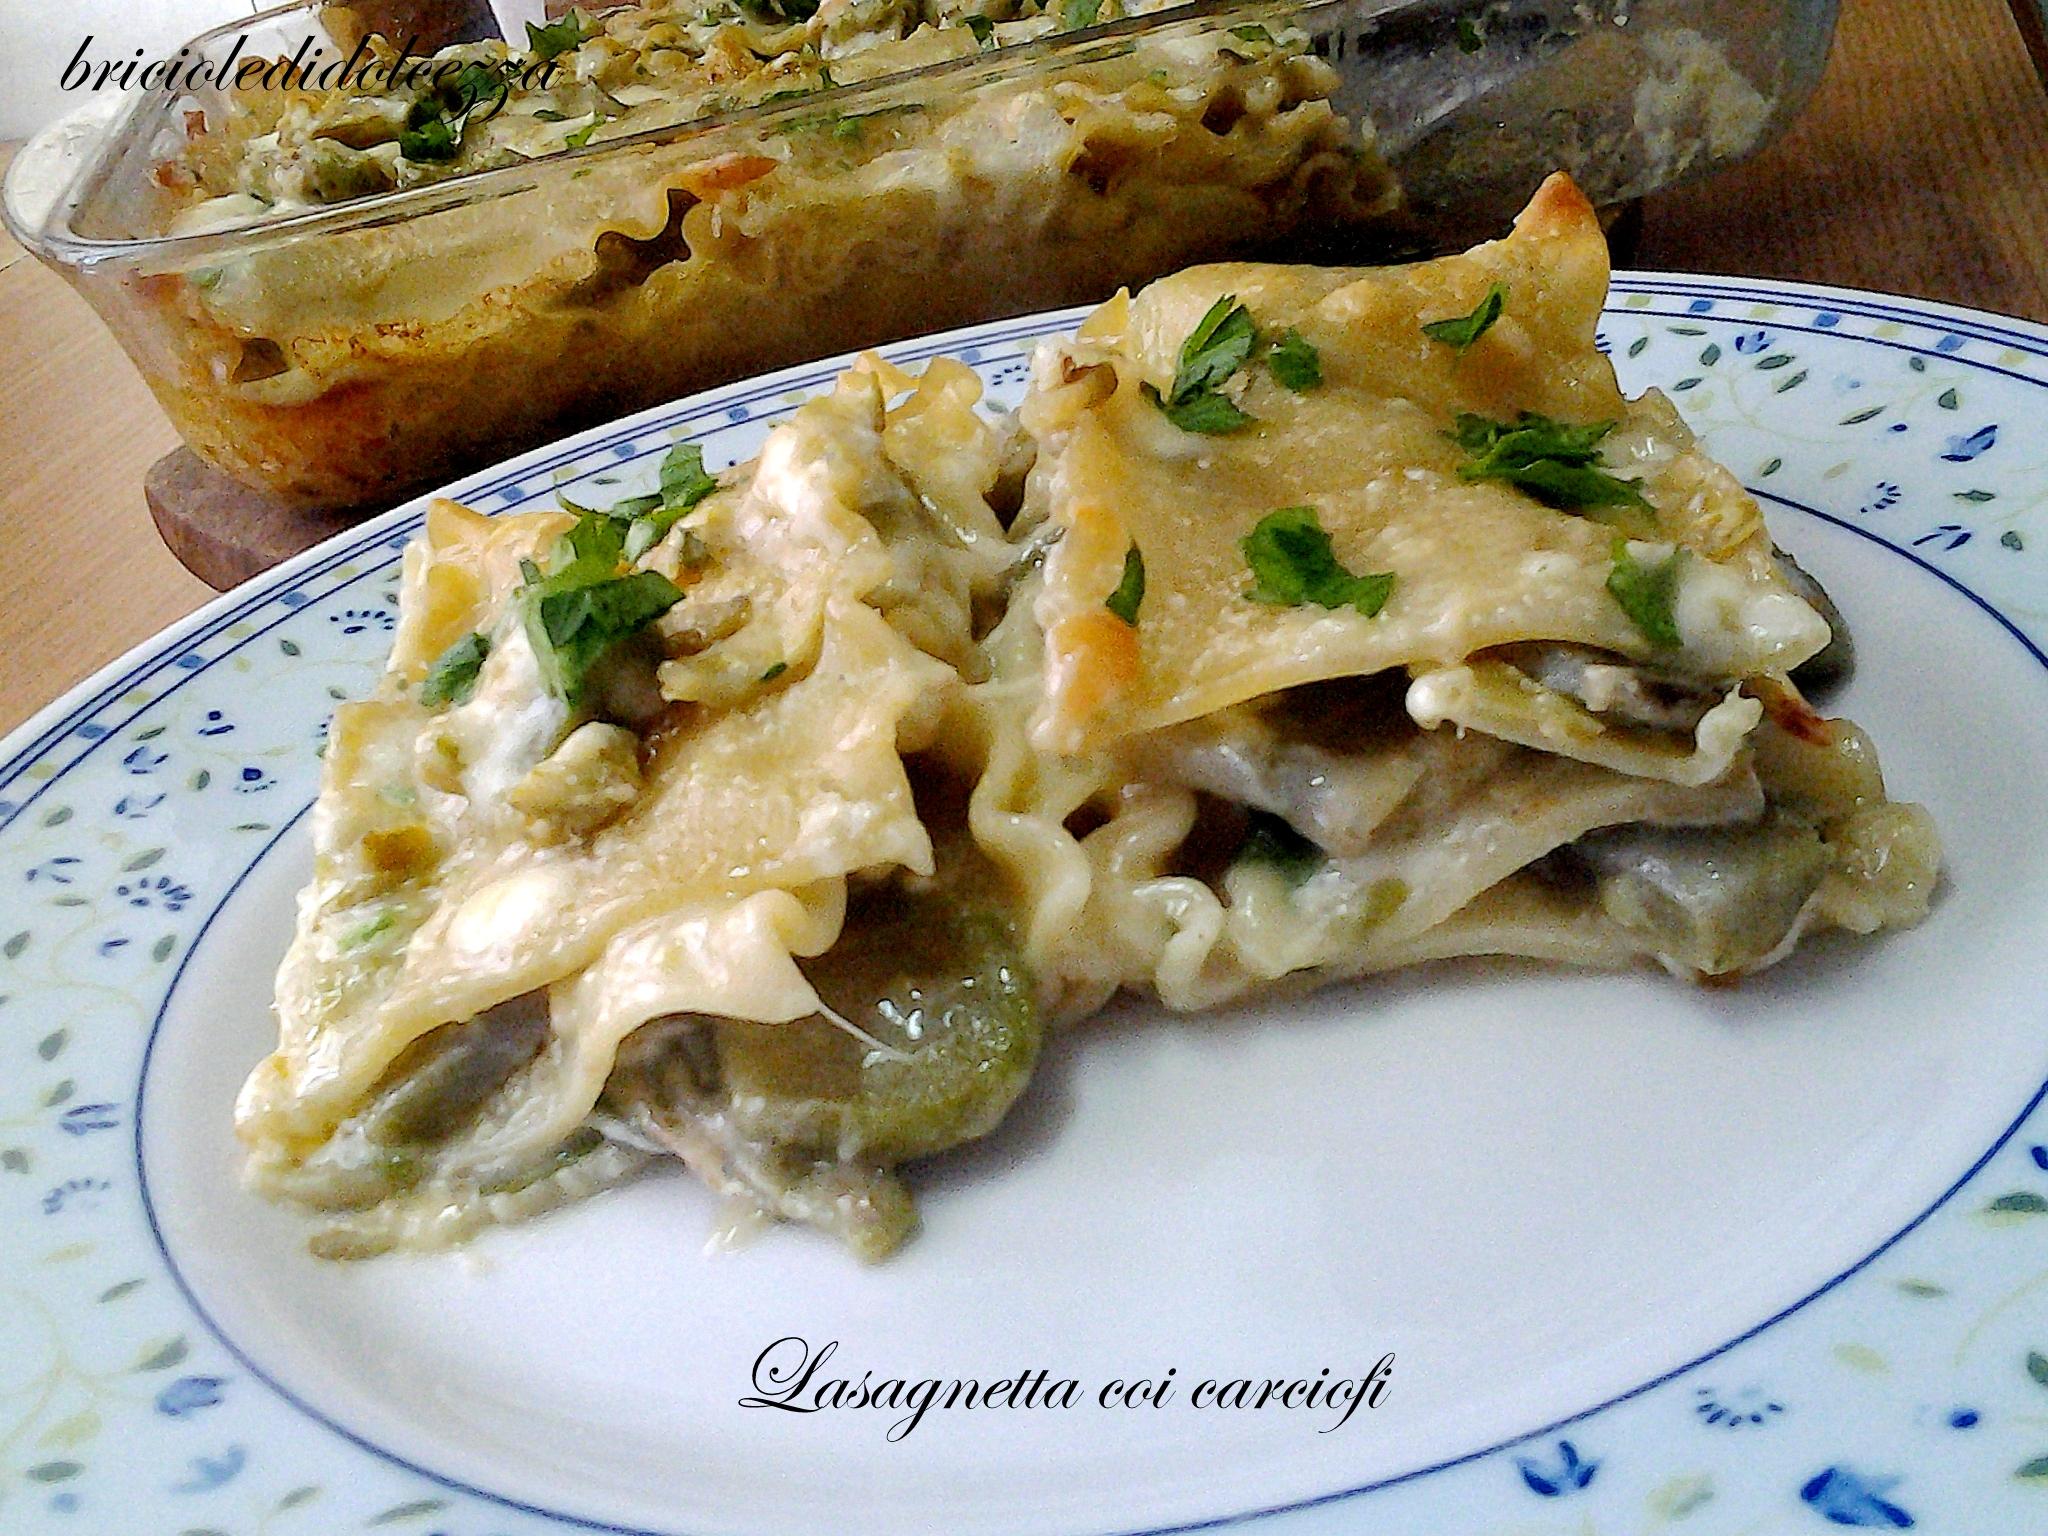 Lasagnetta Carciofi e Caciocavallo